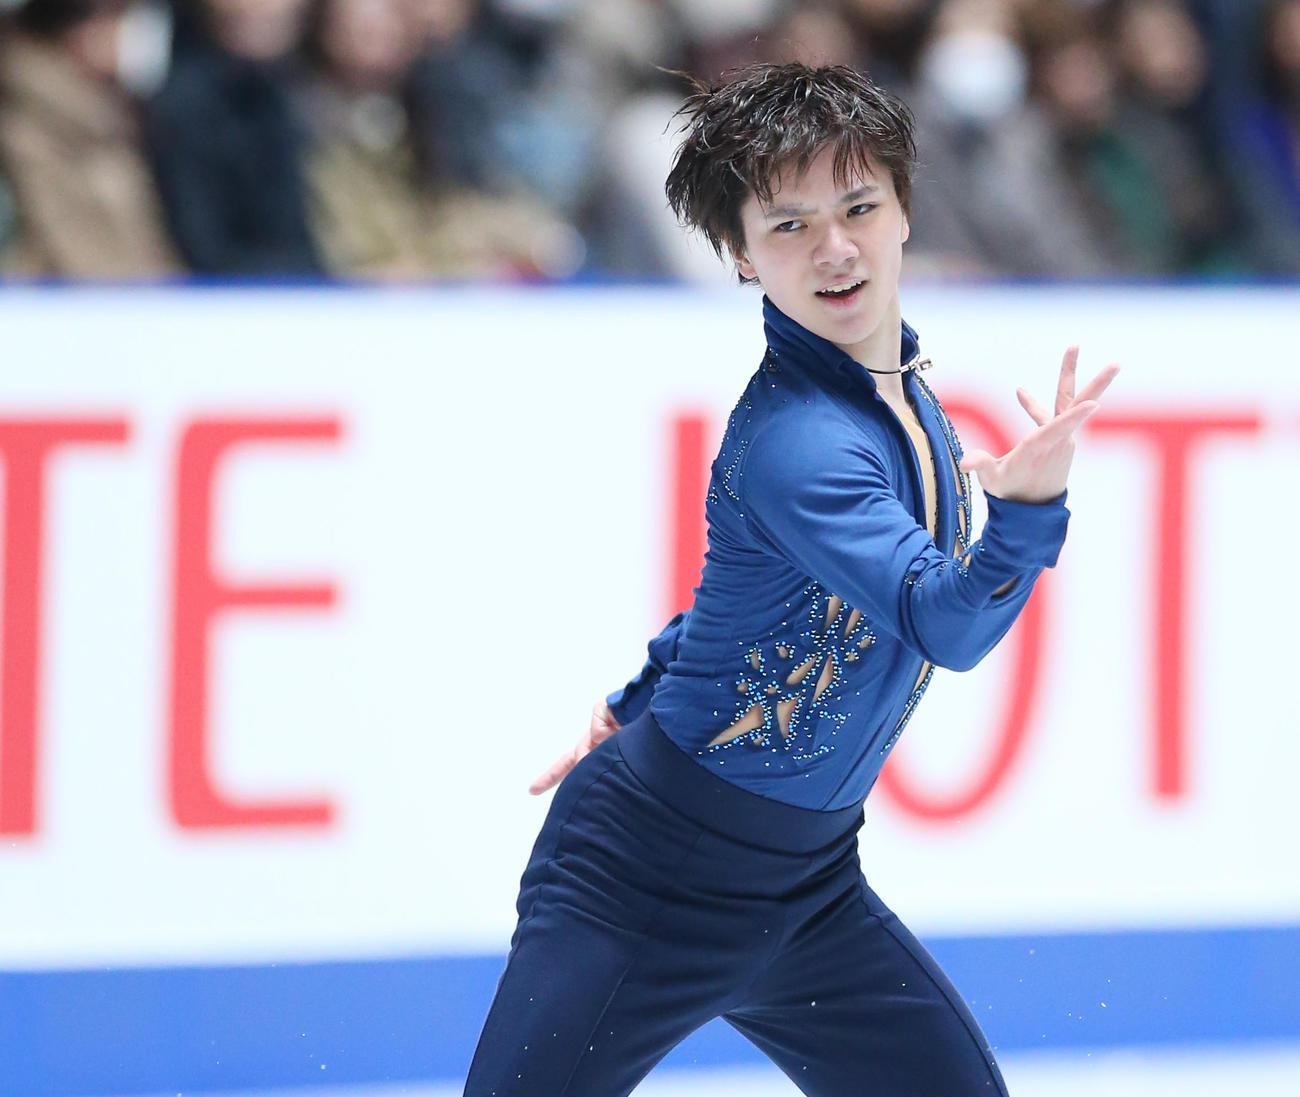 19年12月、フィギュアスケート全日本選手権男子フリーで演技する宇野昌磨